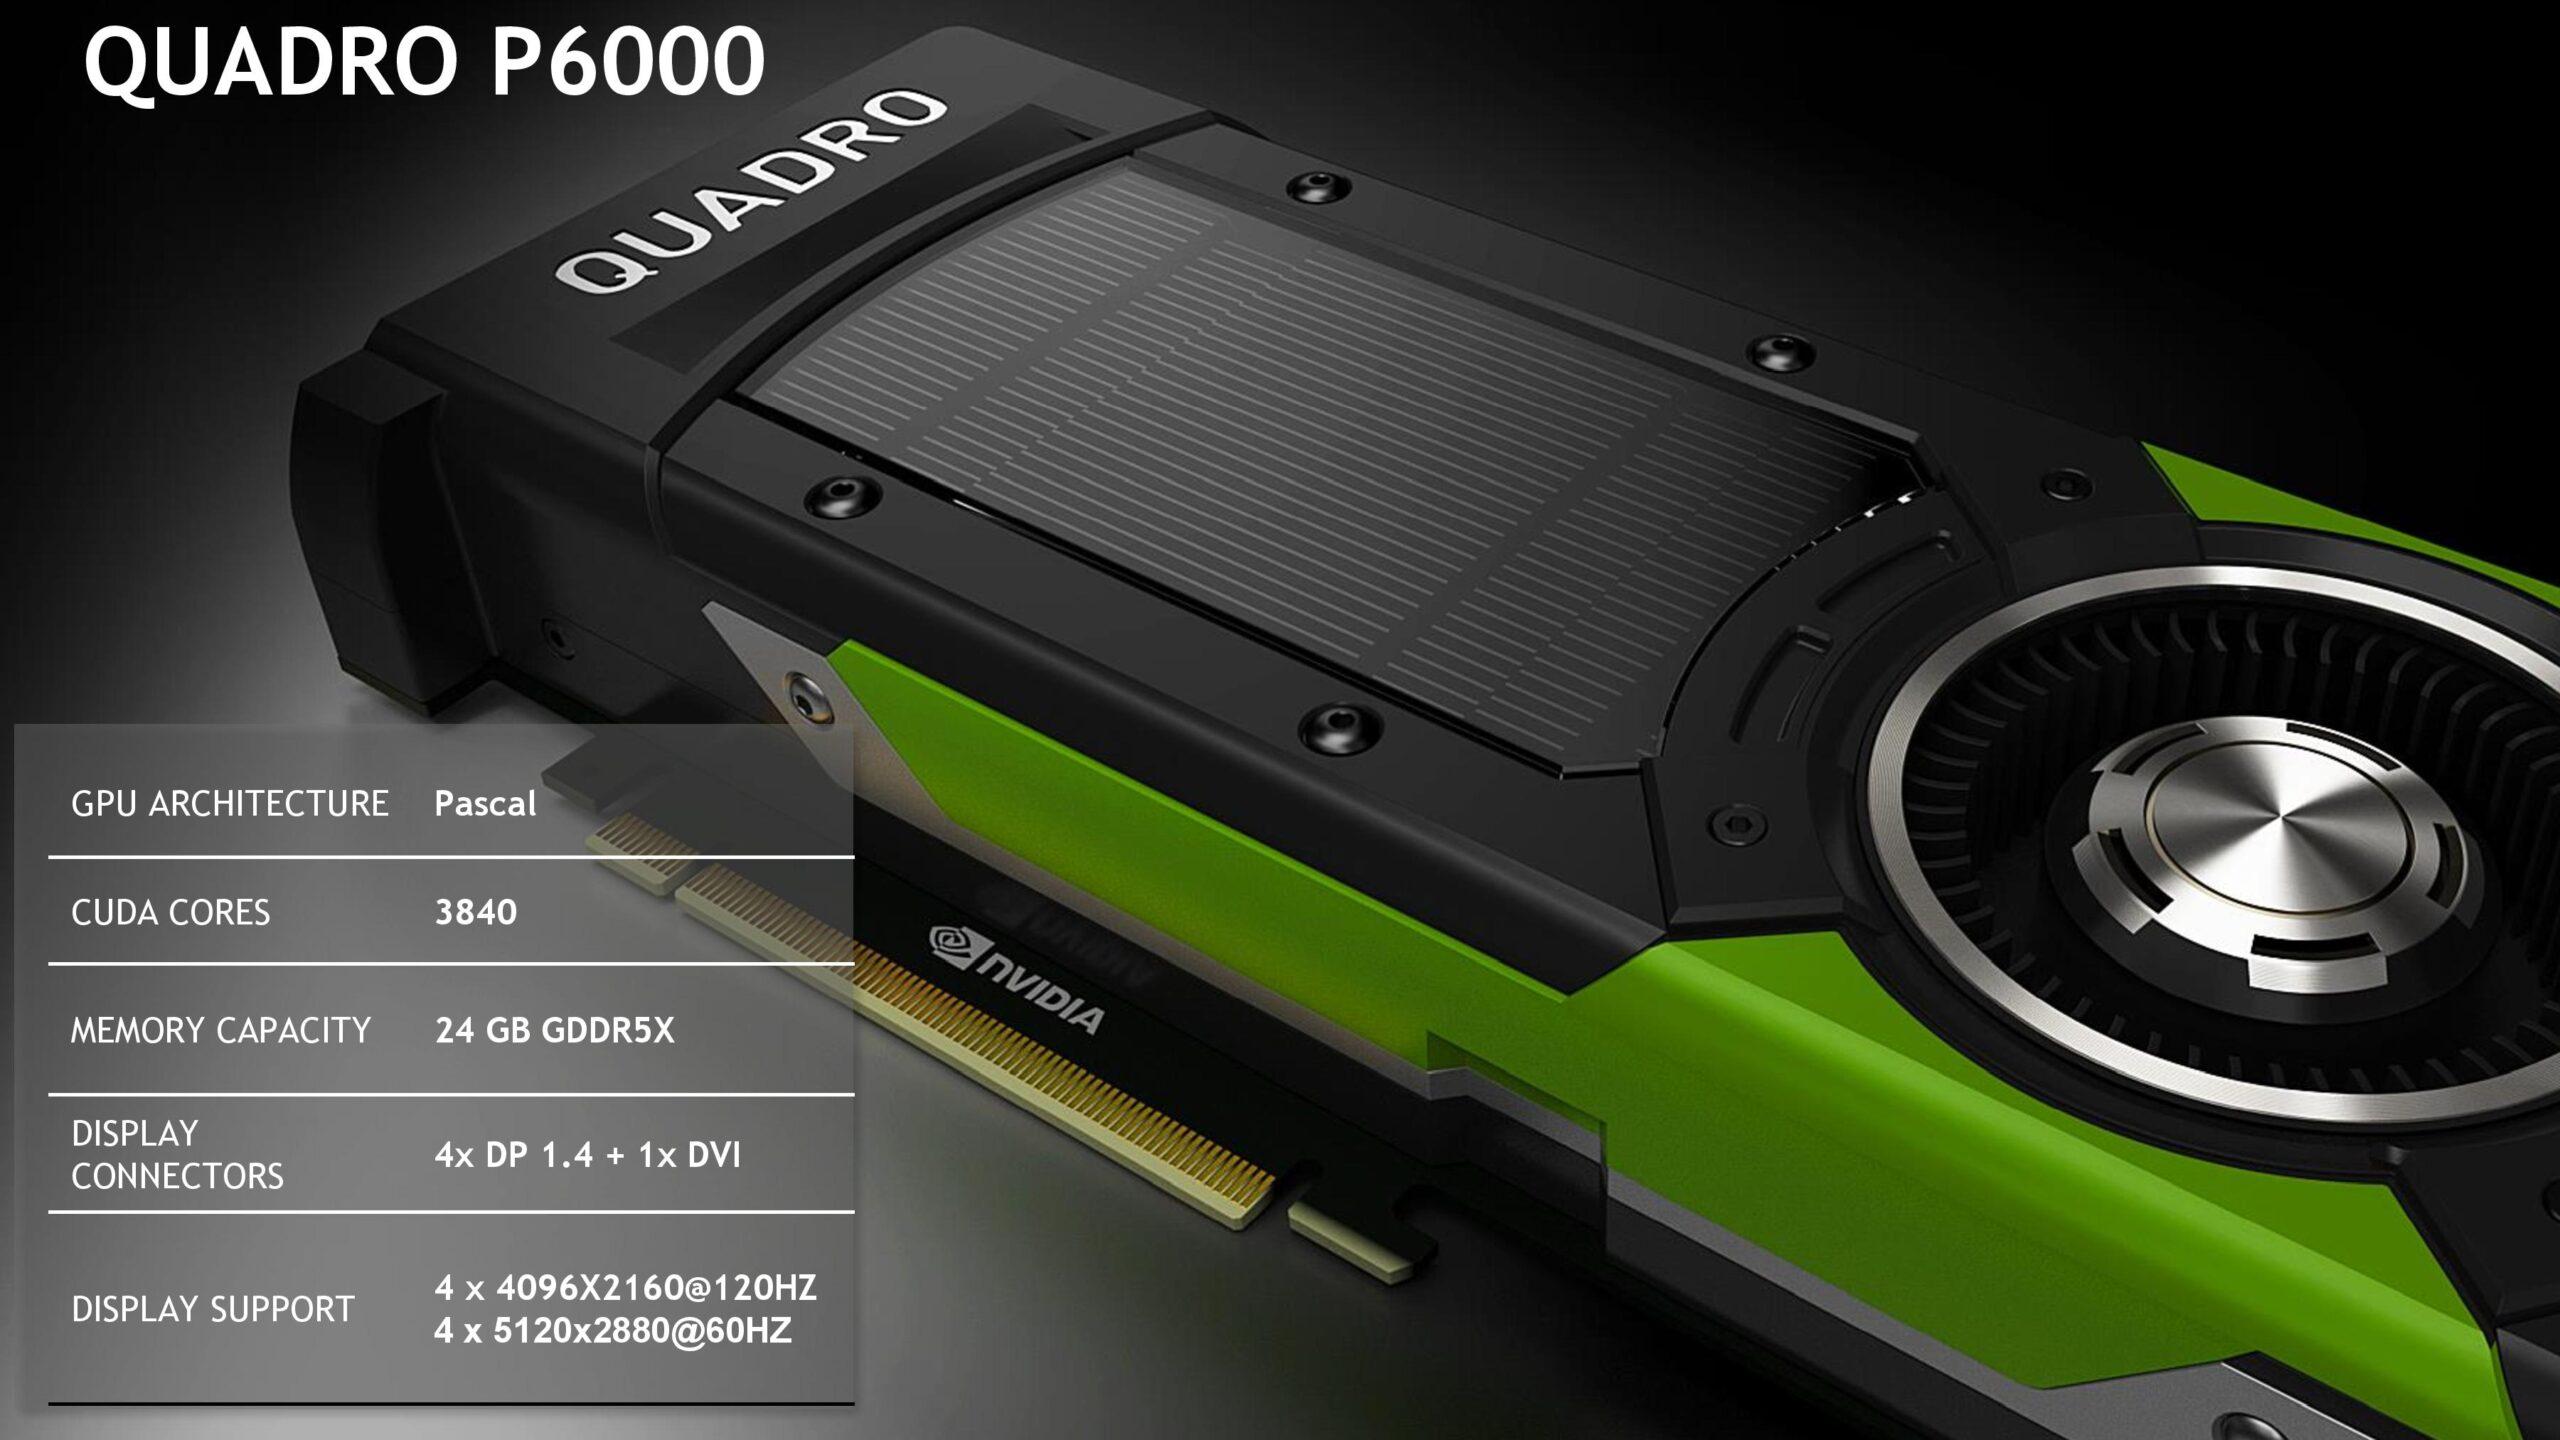 Nên chọn card đồ họa Geforce hay Quadro 3